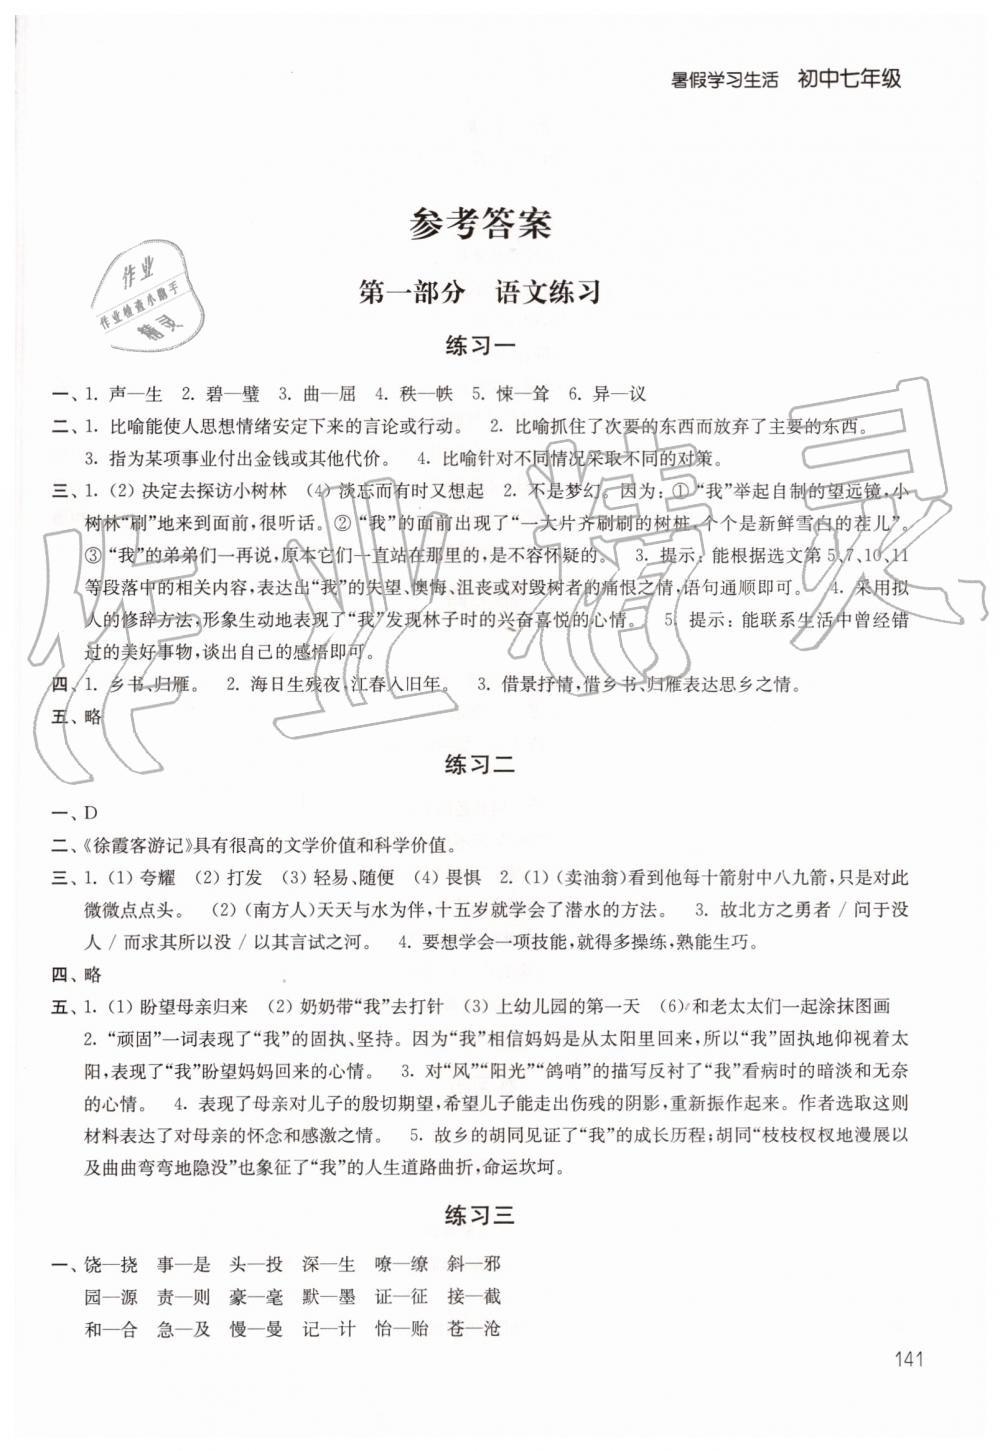 2019年暑假学习生活初中七年级译林出版社第1页